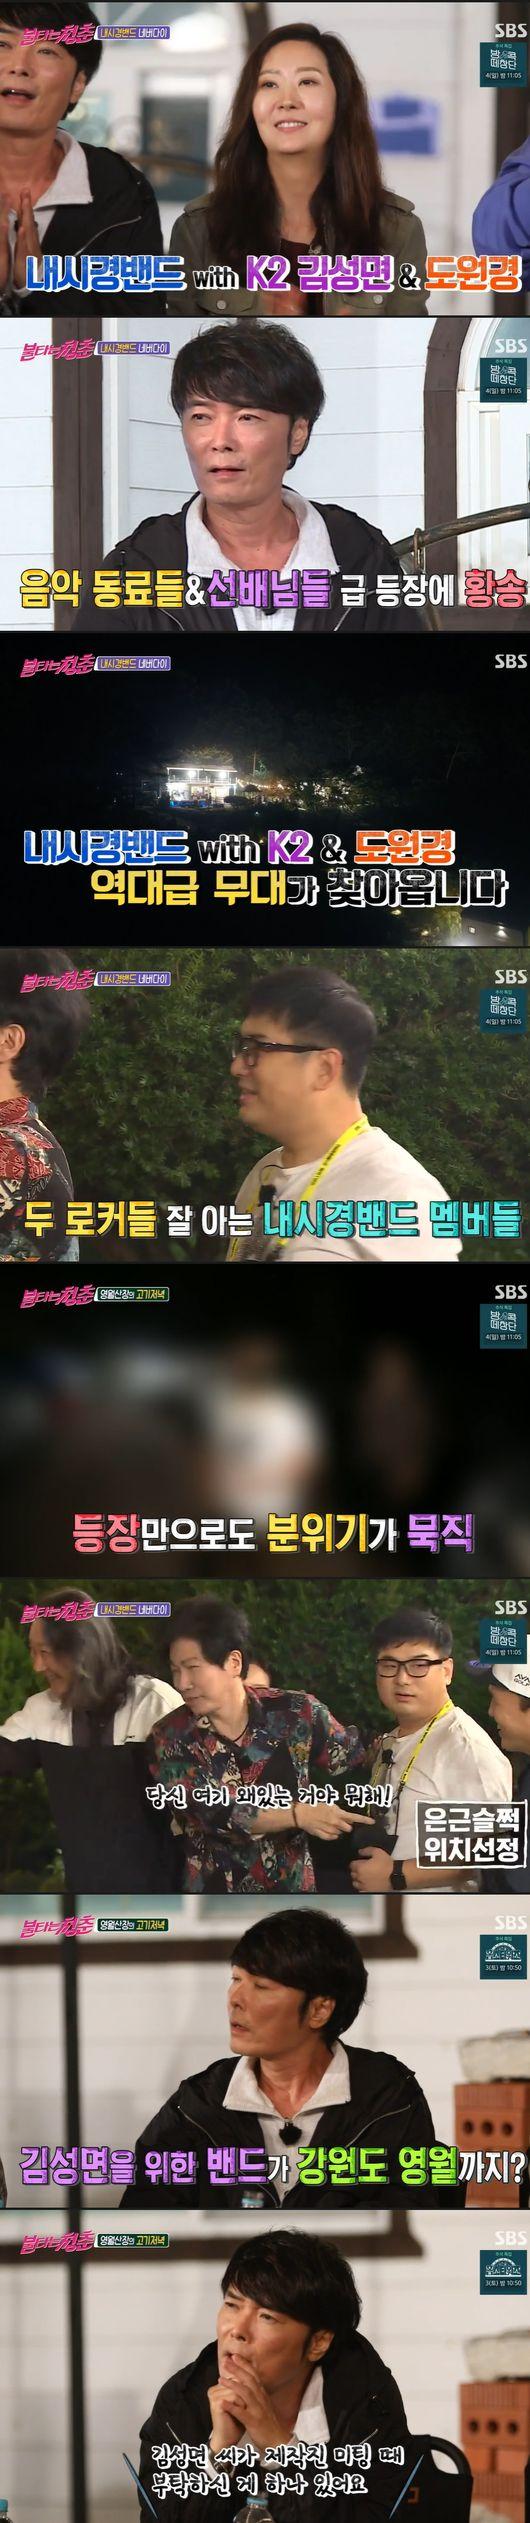 사기NO K2 김성면, 불청 편집無→내시경밴드와 활활 열정UP (ft.아르헨~아사도) [종합]